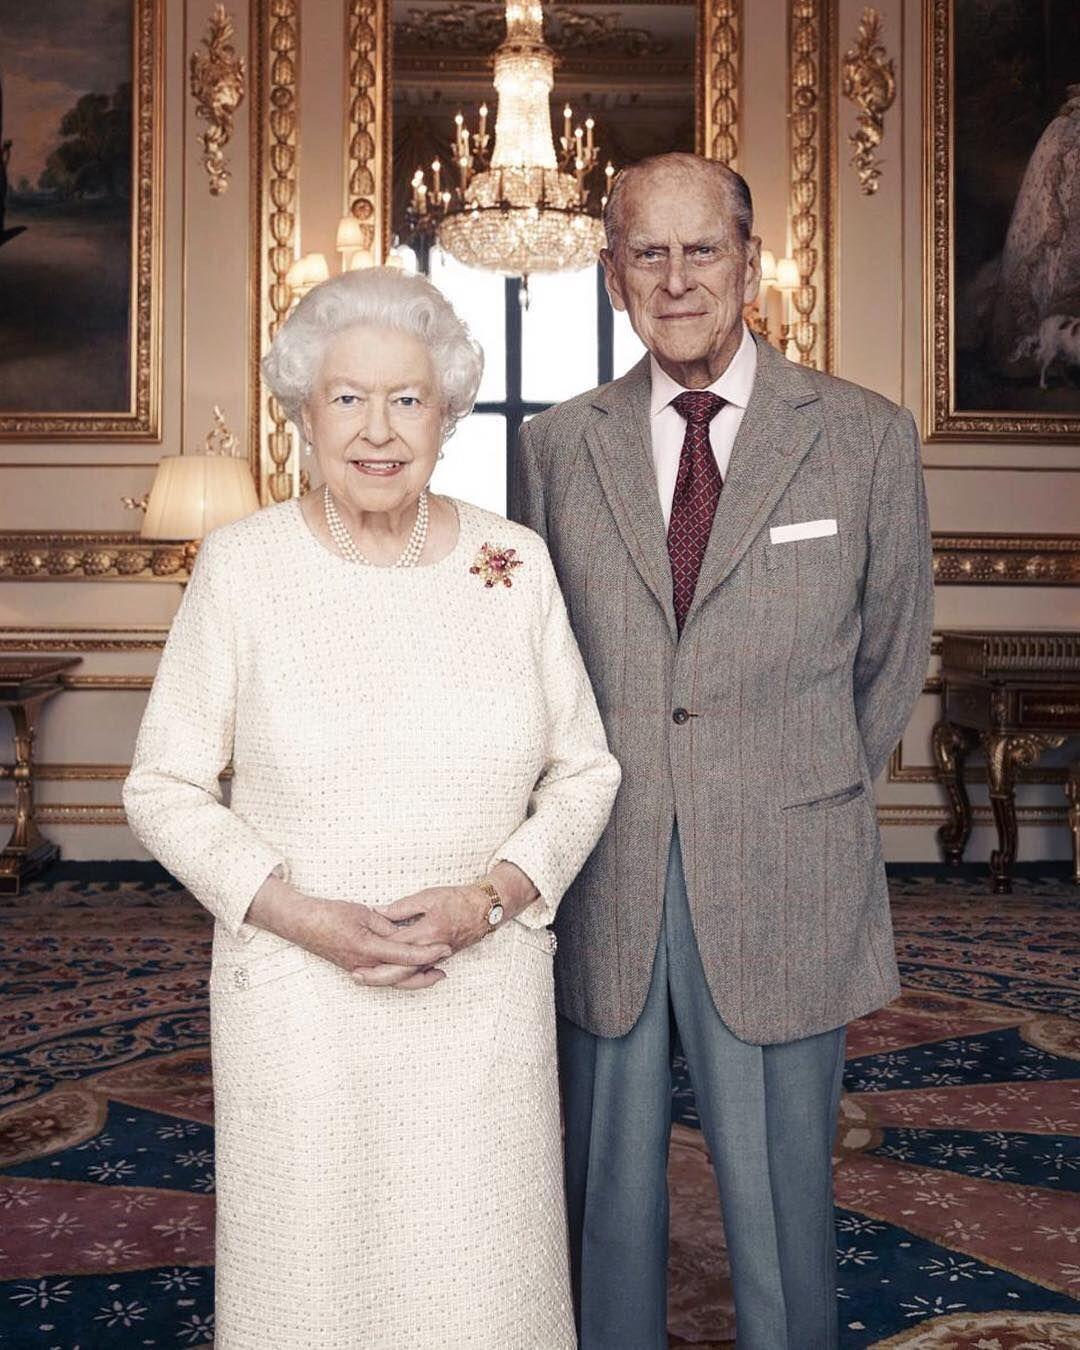 Faltam Apenas 2 Dias Para O Aniversario De 70 Anos De Casamento Entre A Rainha Elizabeth E Principe Philip Royal Family Portrait Queen Elizabeth Prince Philip